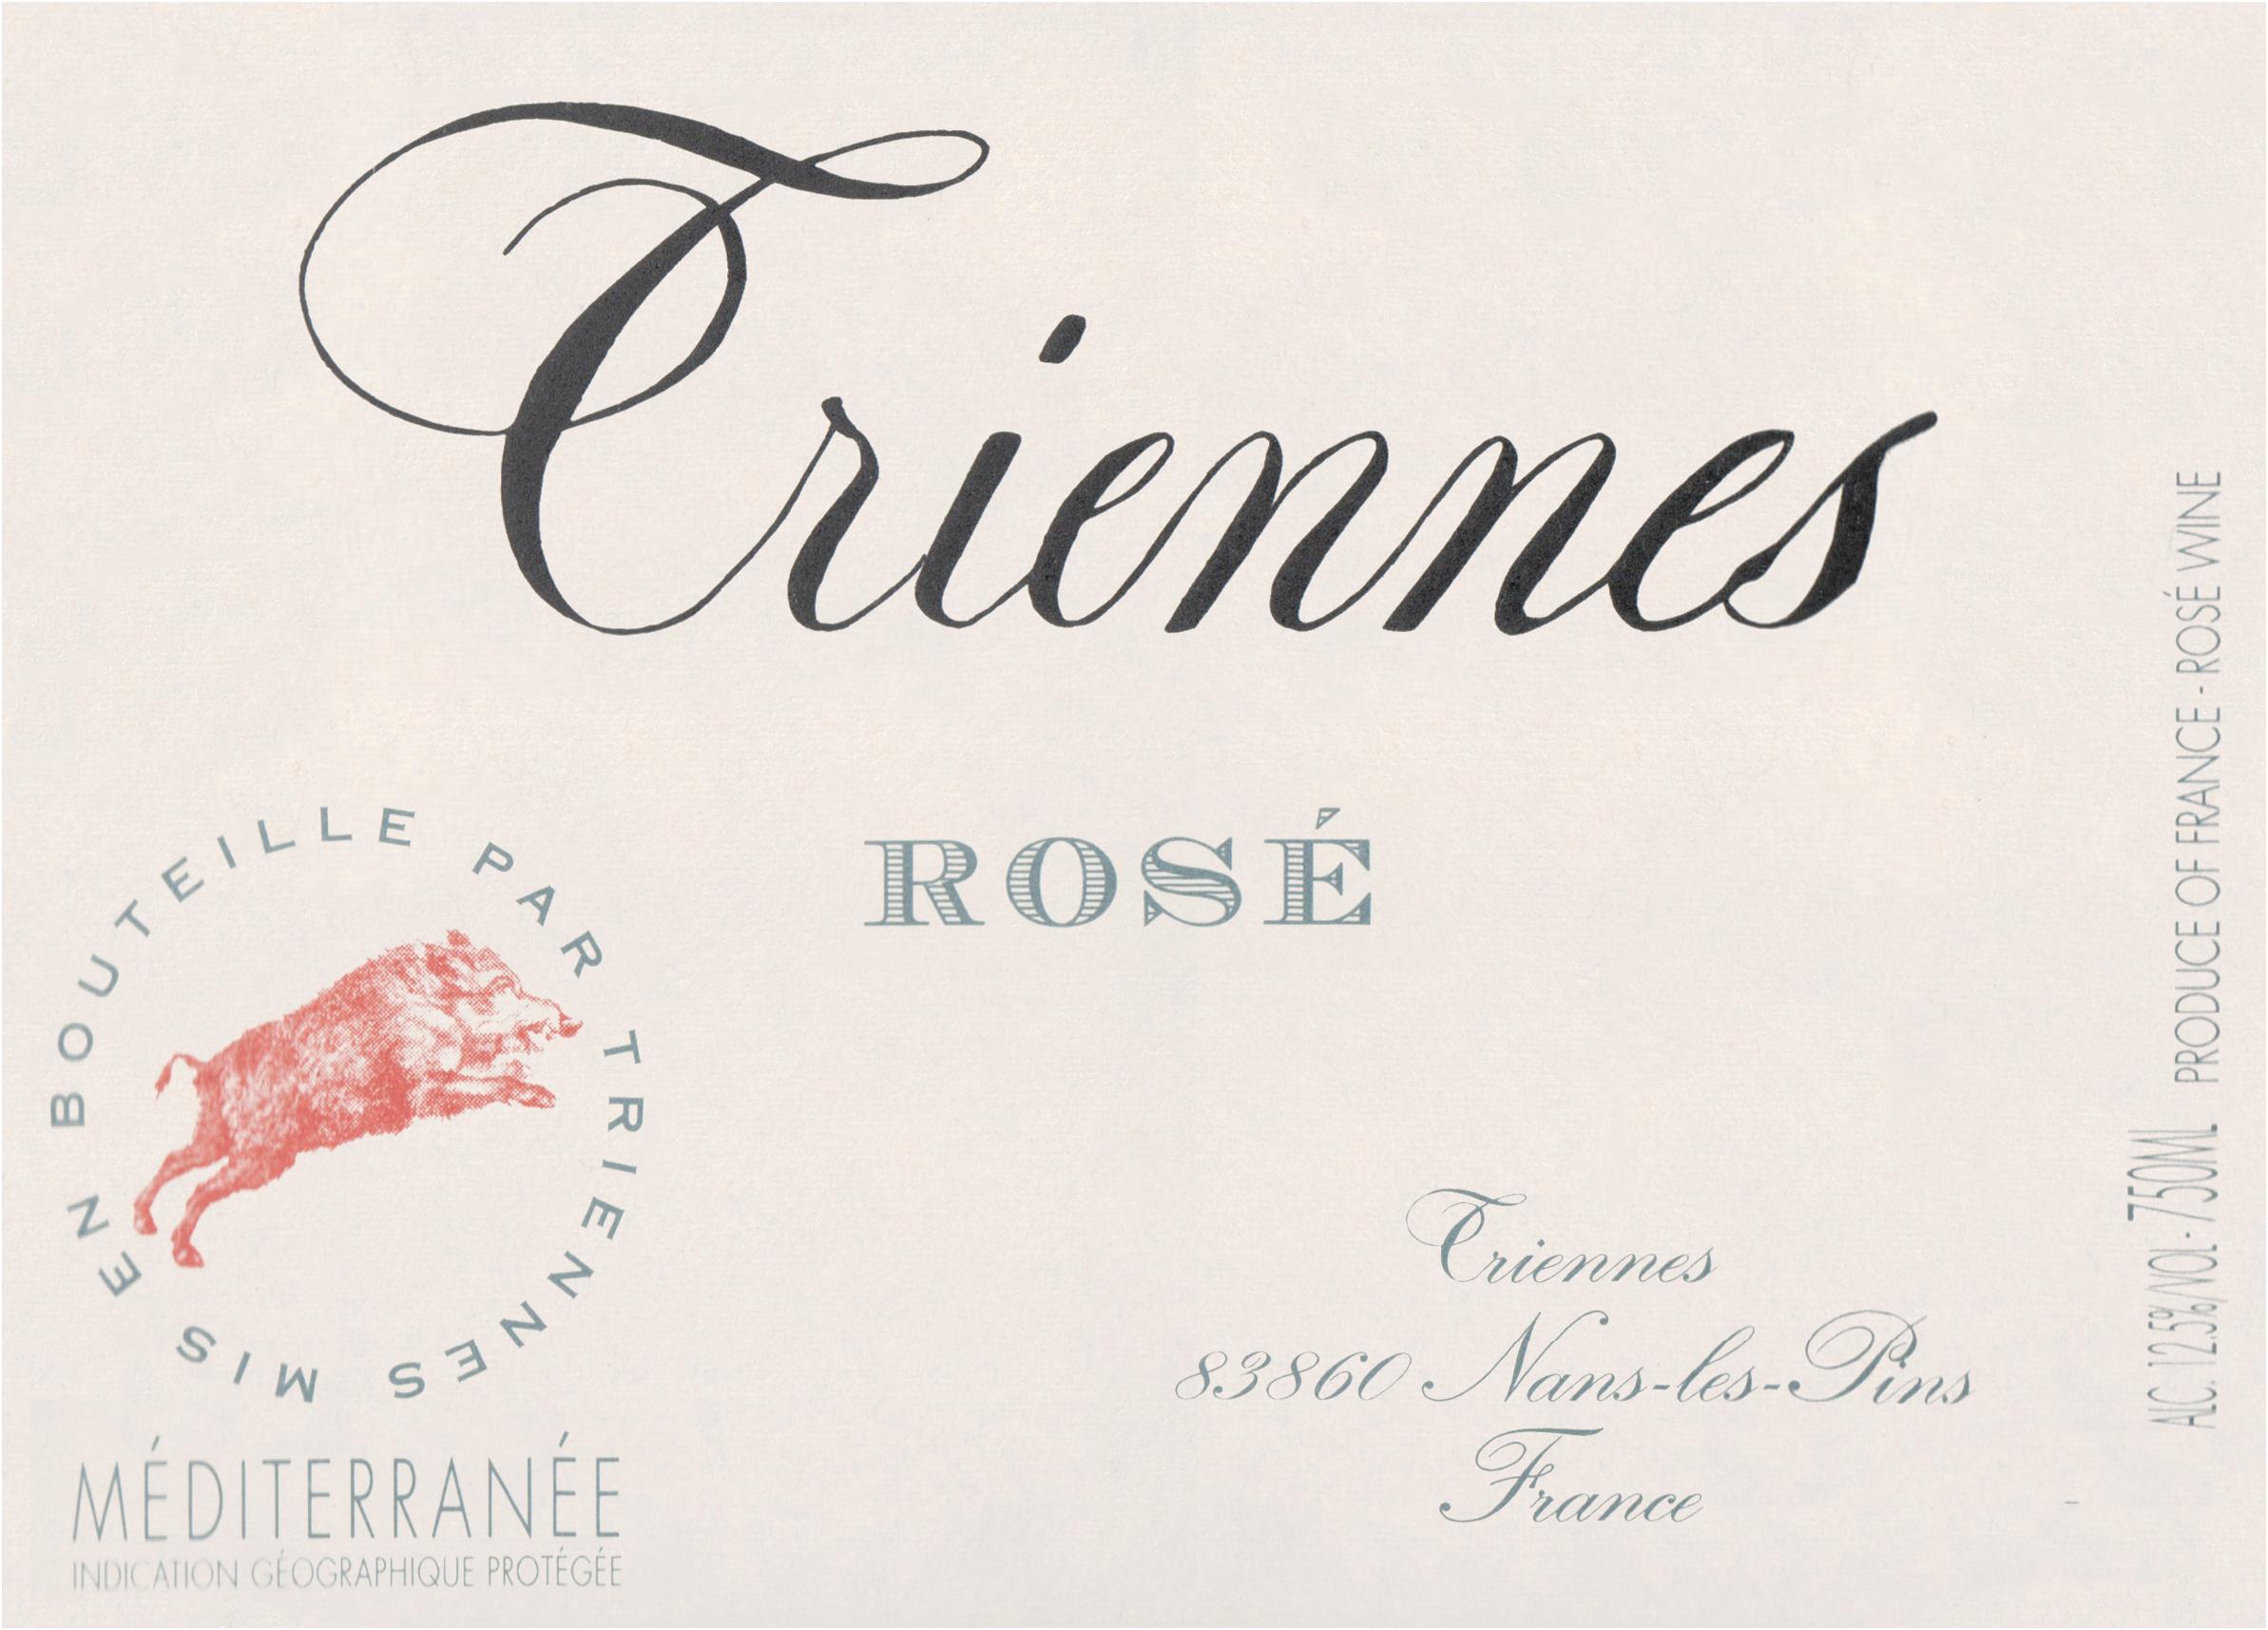 Triennes Rose 2019